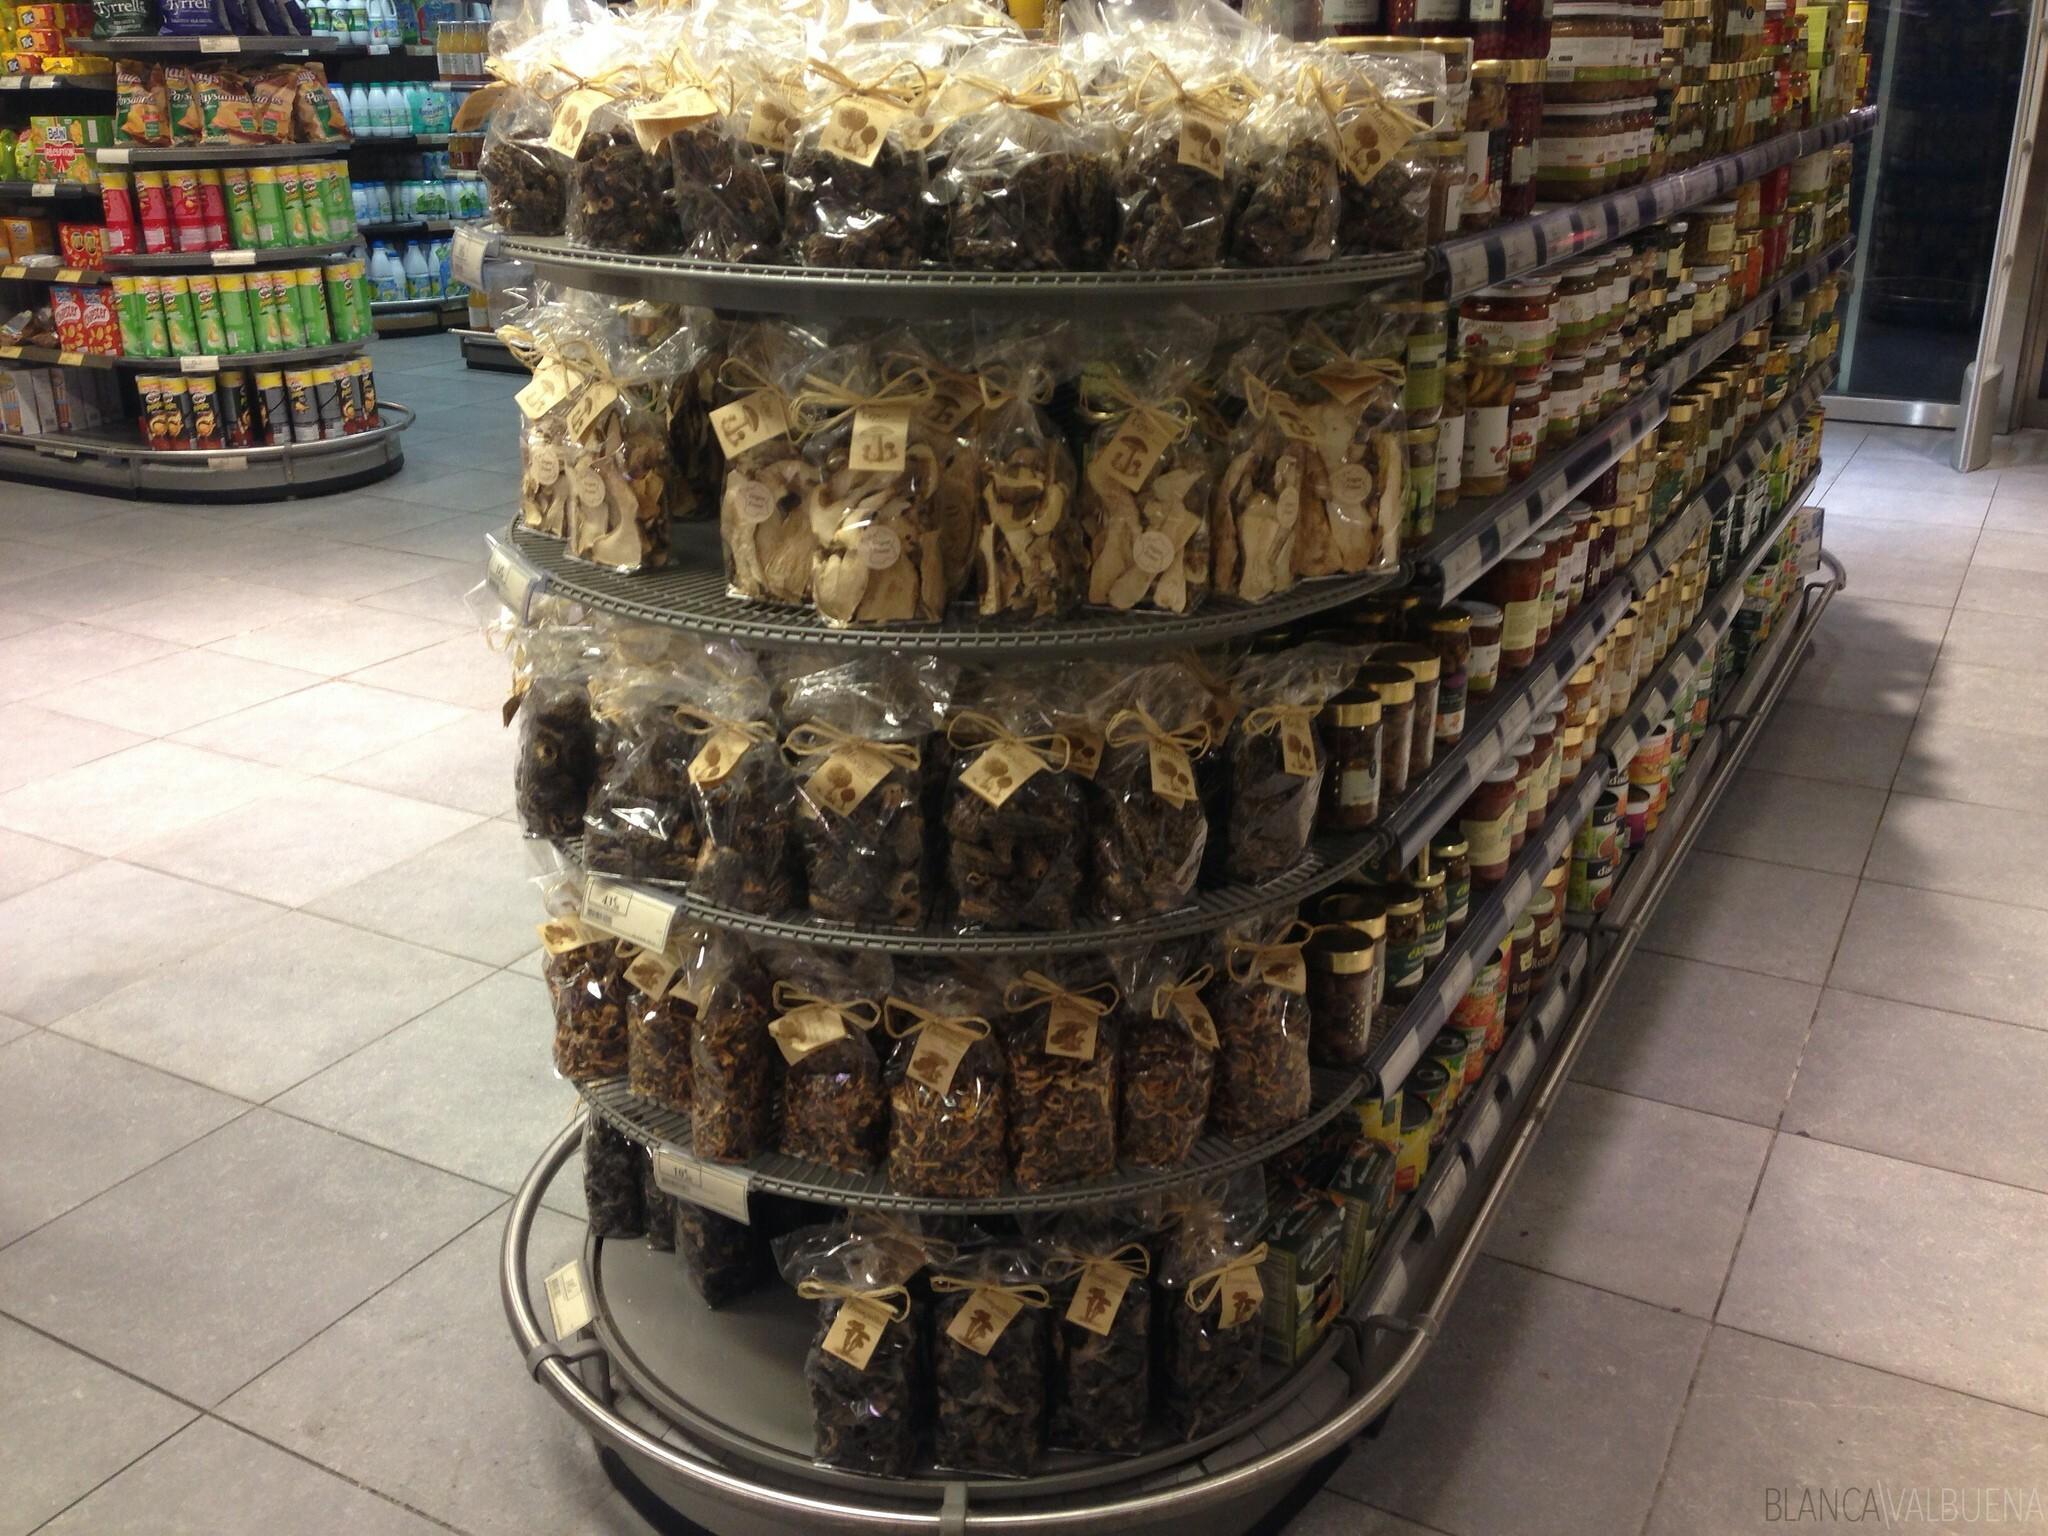 Ci sono tutti i tipi di funghi secchi in questo negozio a Parigi